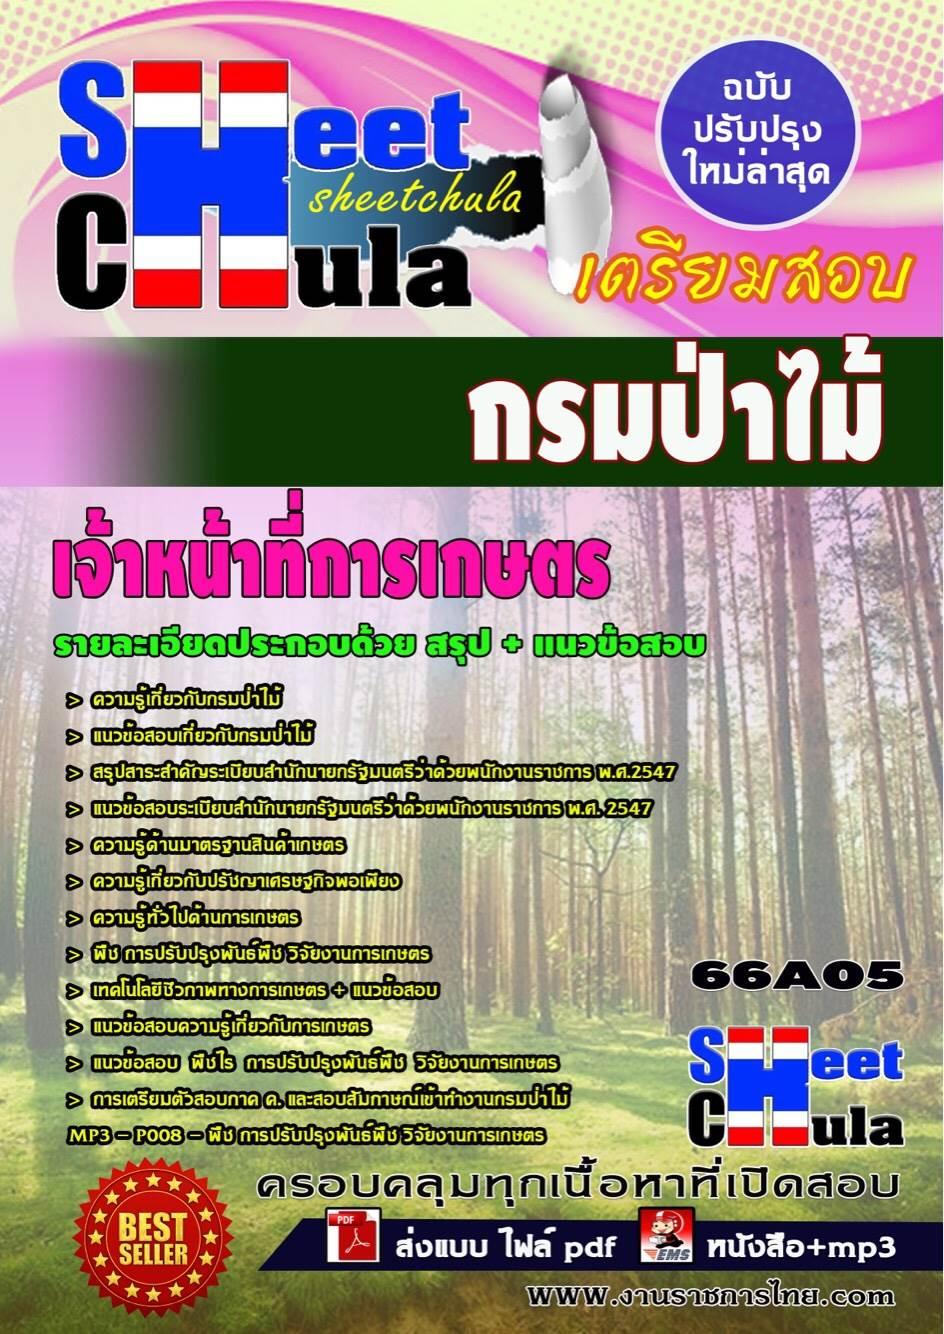 หนังสือเตรียมสอบ แนวข้อสอบข้าราชการ คุ่มือสอบเจ้าหน้าที่การเกษตร กรมป่าไม้